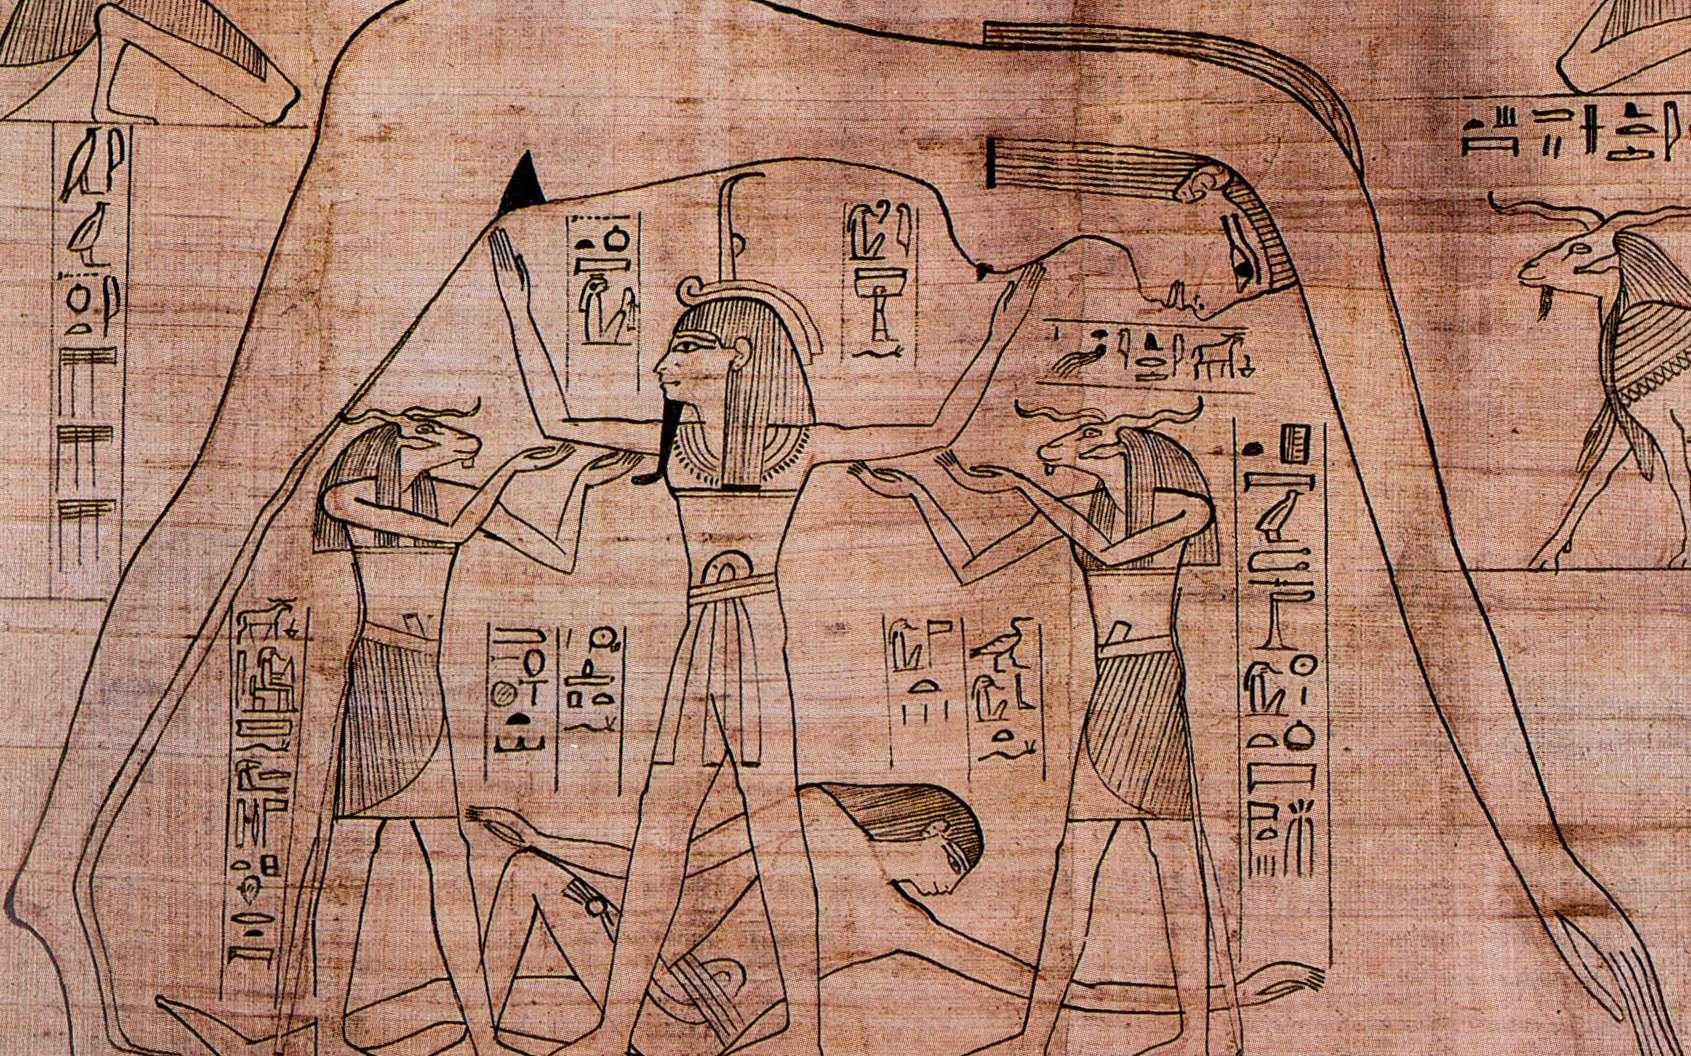 Un détail du papyrus Greenfield représentant les dieux Geb, Nout et Shou. © British Museum